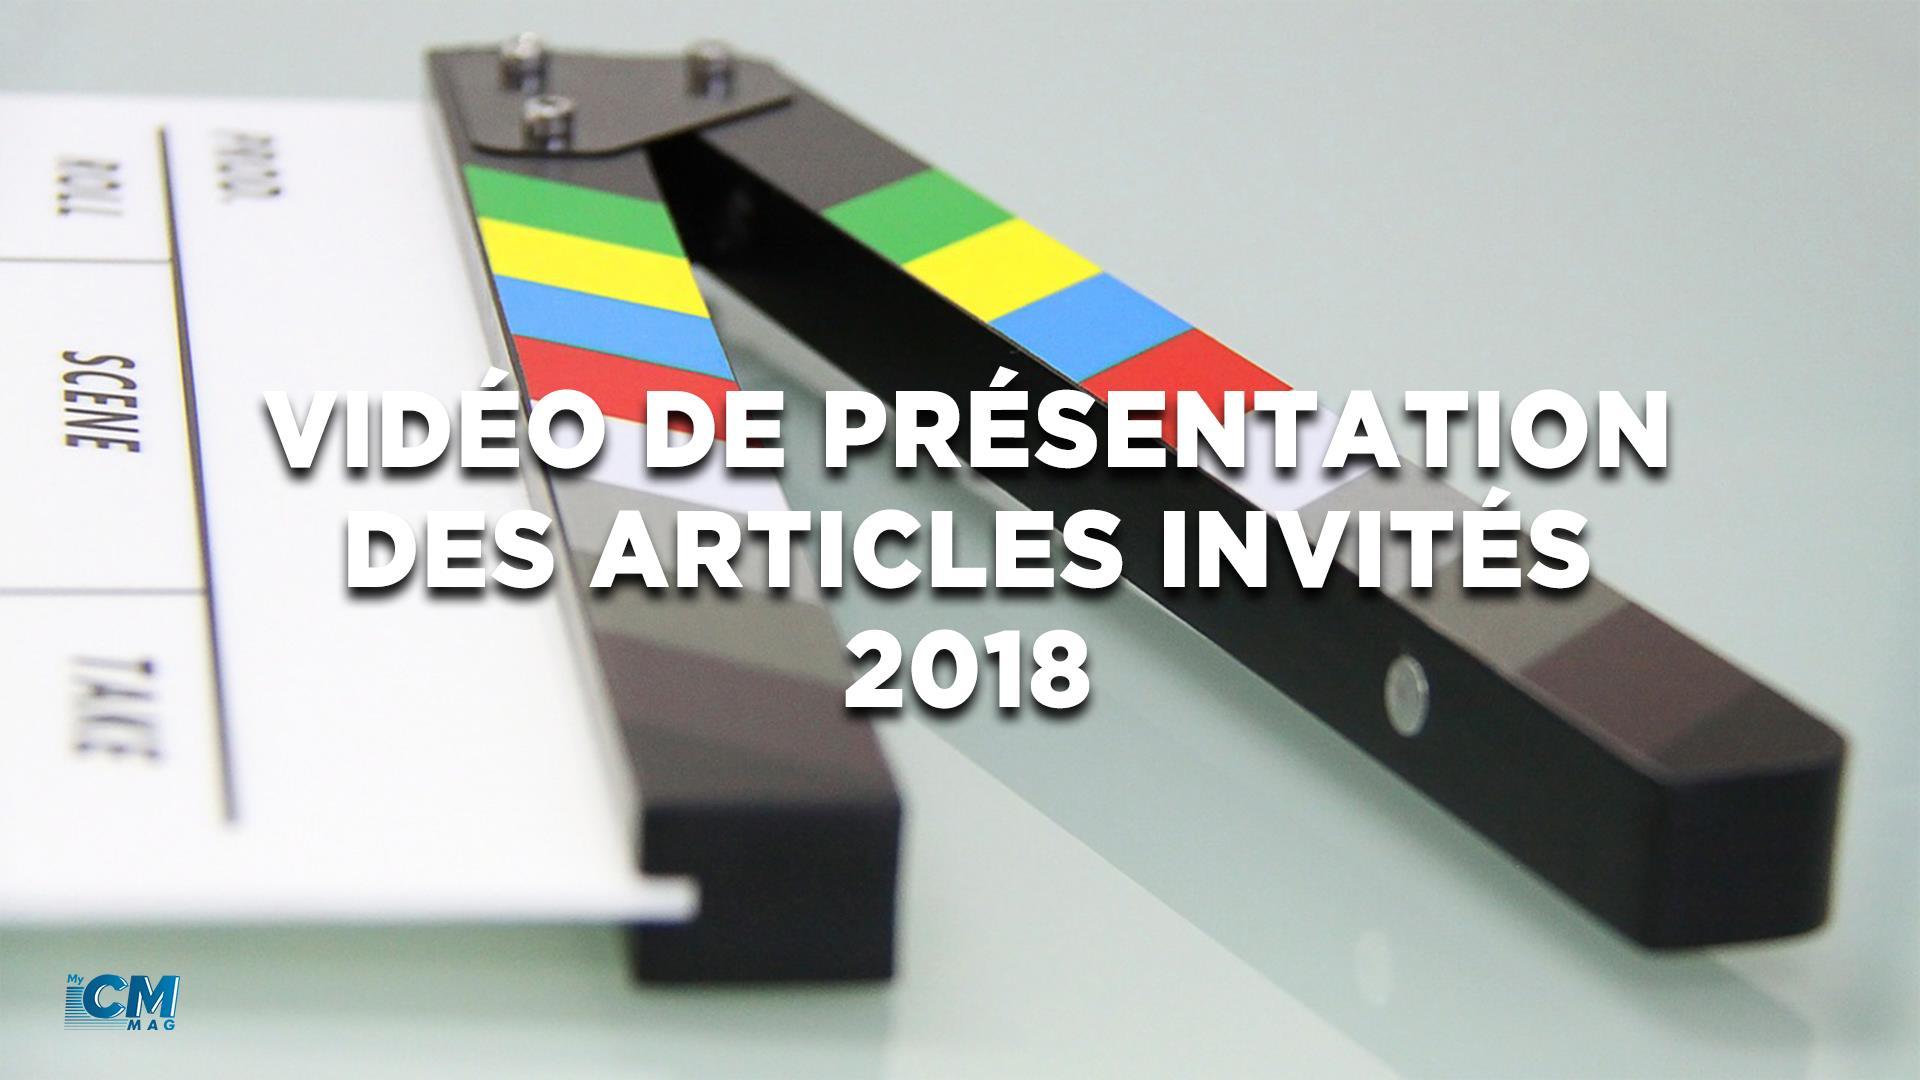 Articles Invités 2018 : une vidéo de présentation